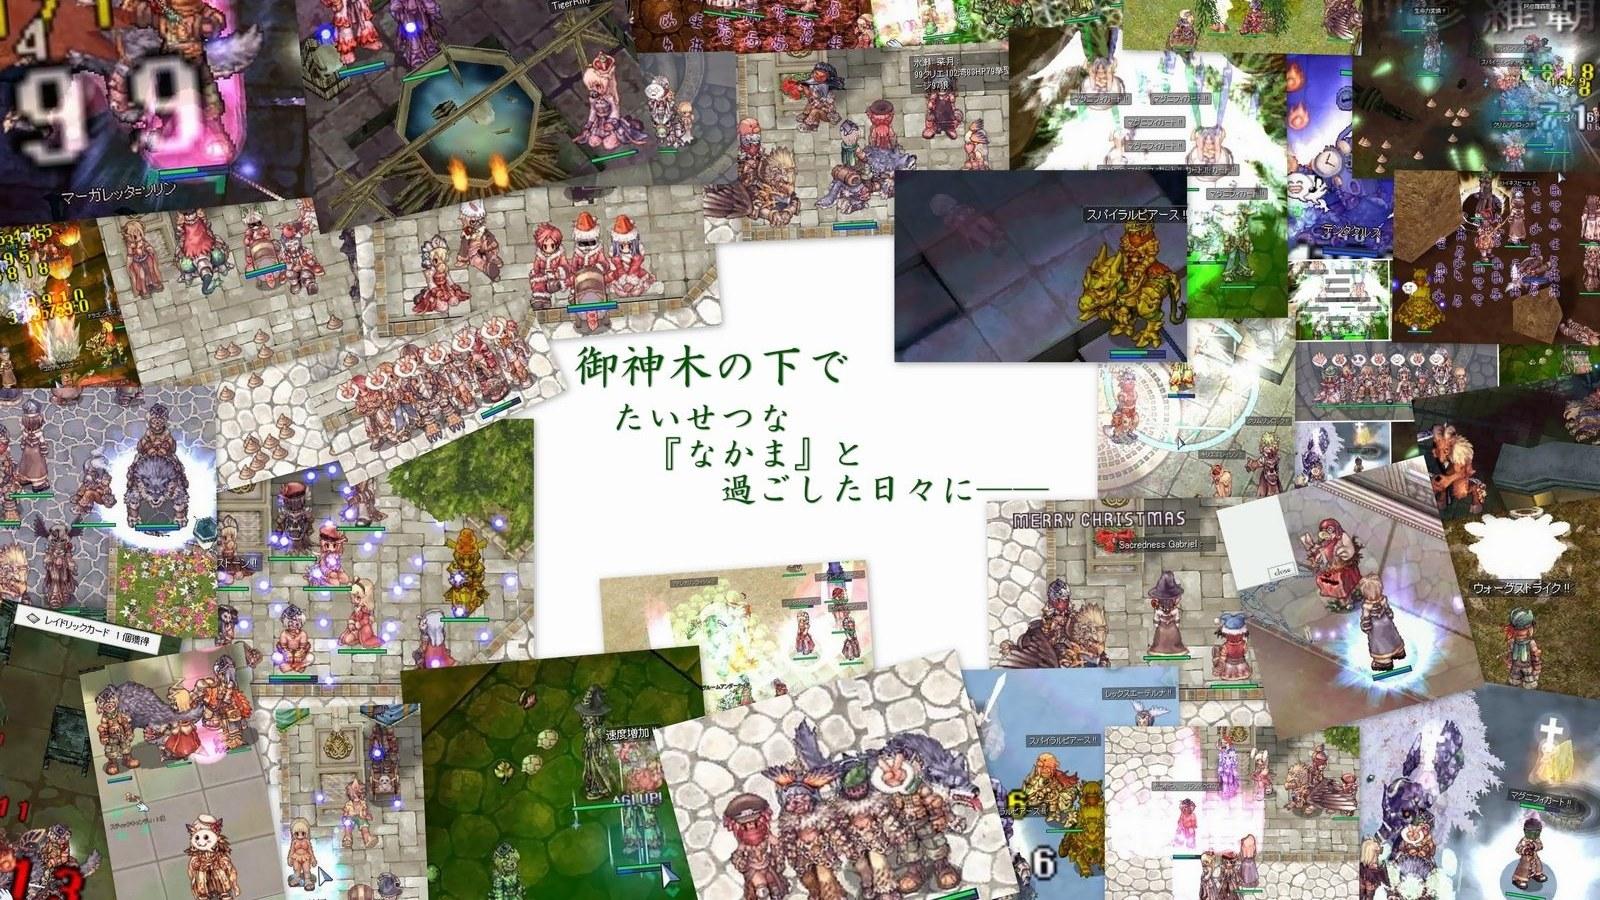 青空の翼と過去の十字架 壁紙 Ro ラグナロクオンライン